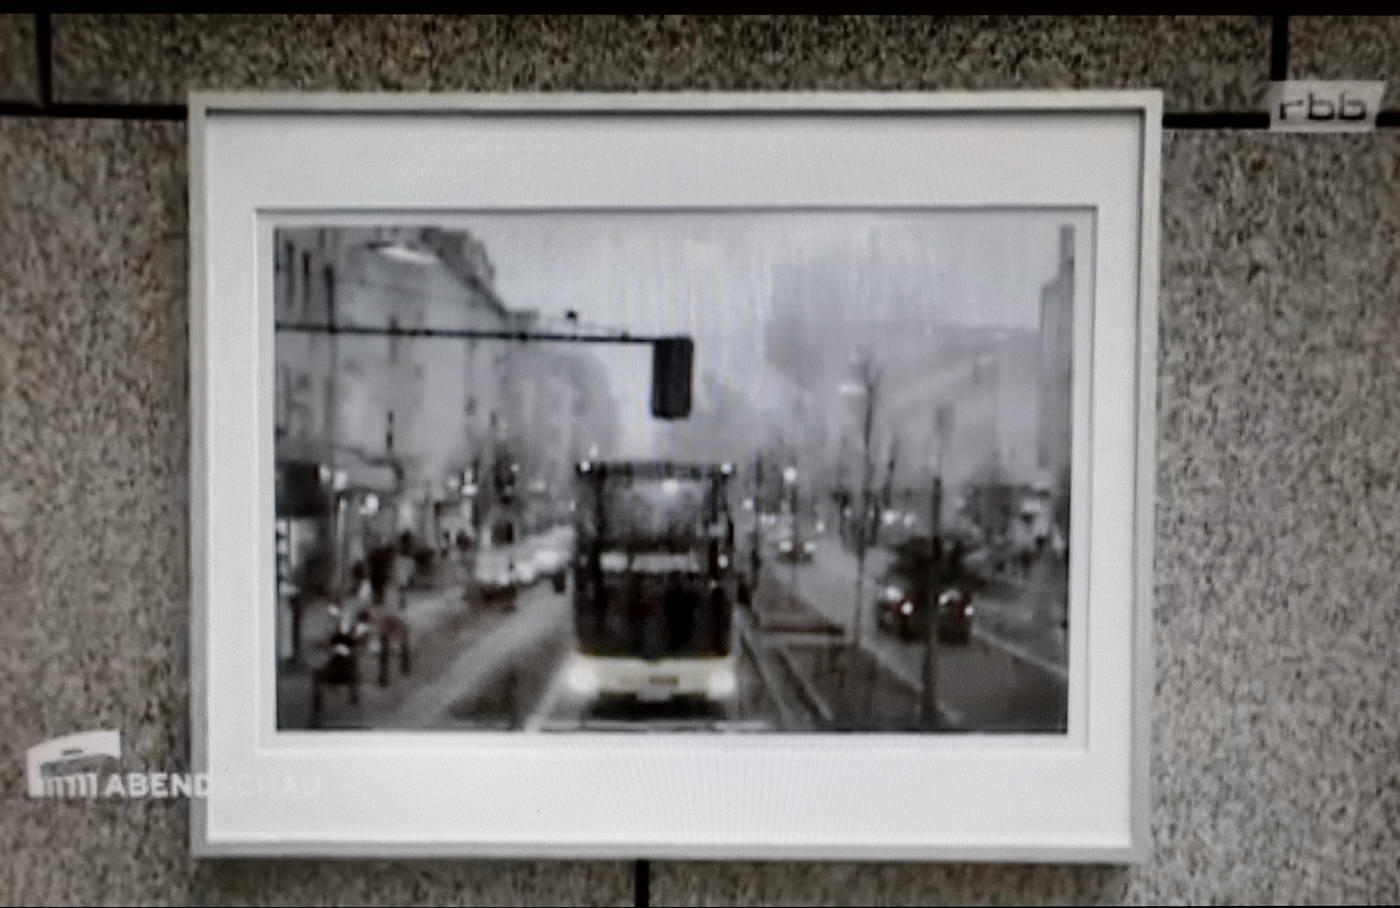 2018.02.15 Berlin Mitte Abendschau LAFO Ausstellung DSC09620 1 konv